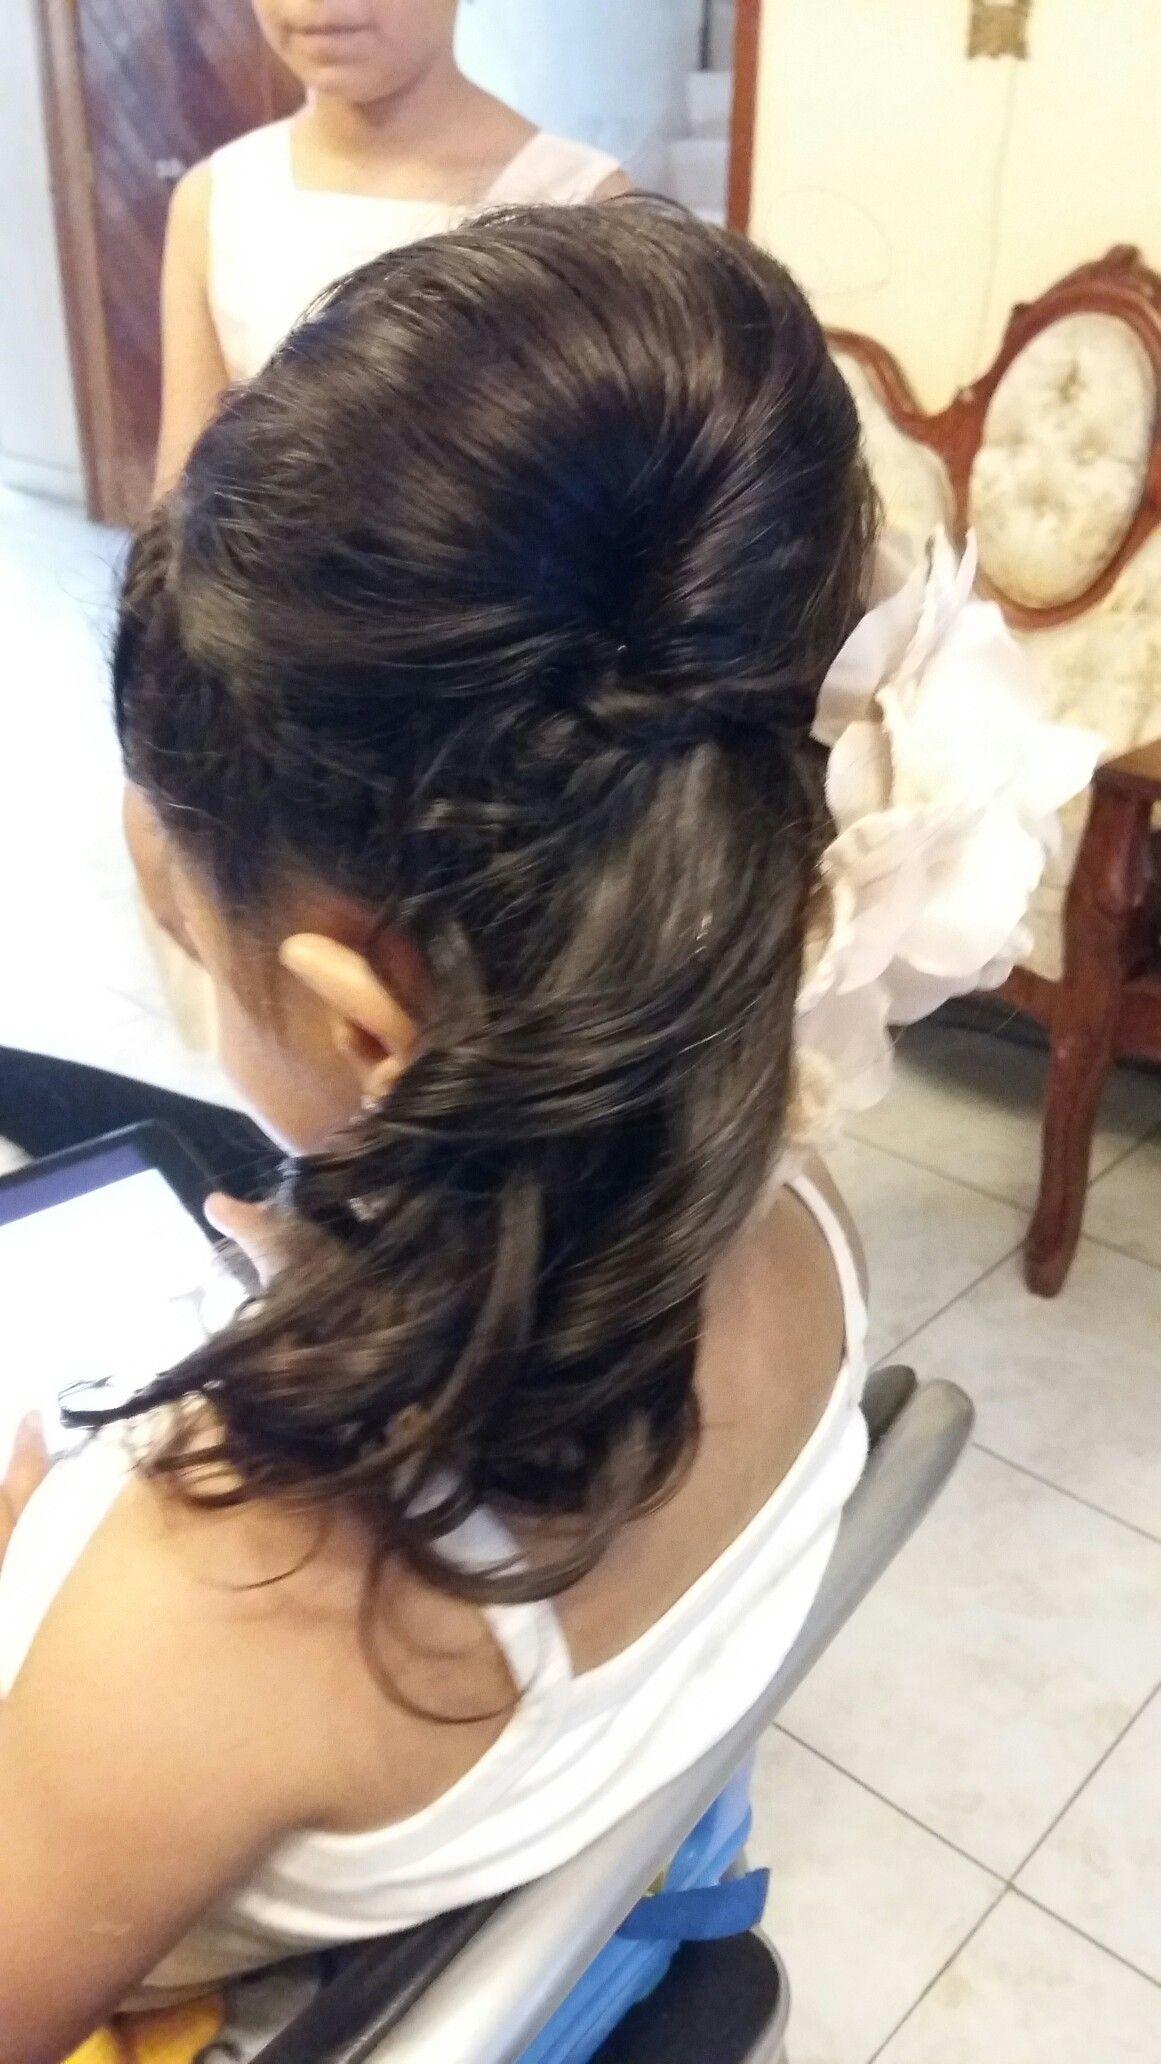 Peinado cascada con trenza y tupé.  Por DaliMulChic.